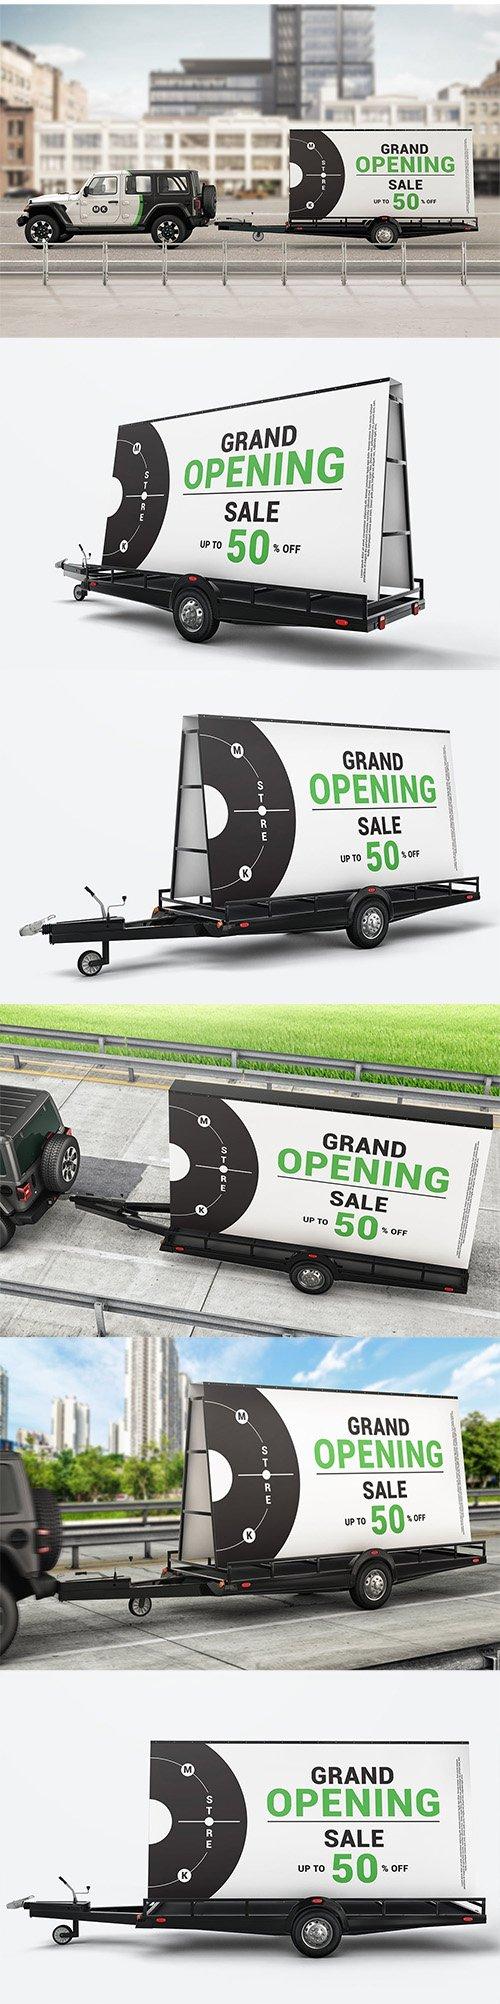 Mobile Billboard Trailer Advertising Sign Mockup PSD